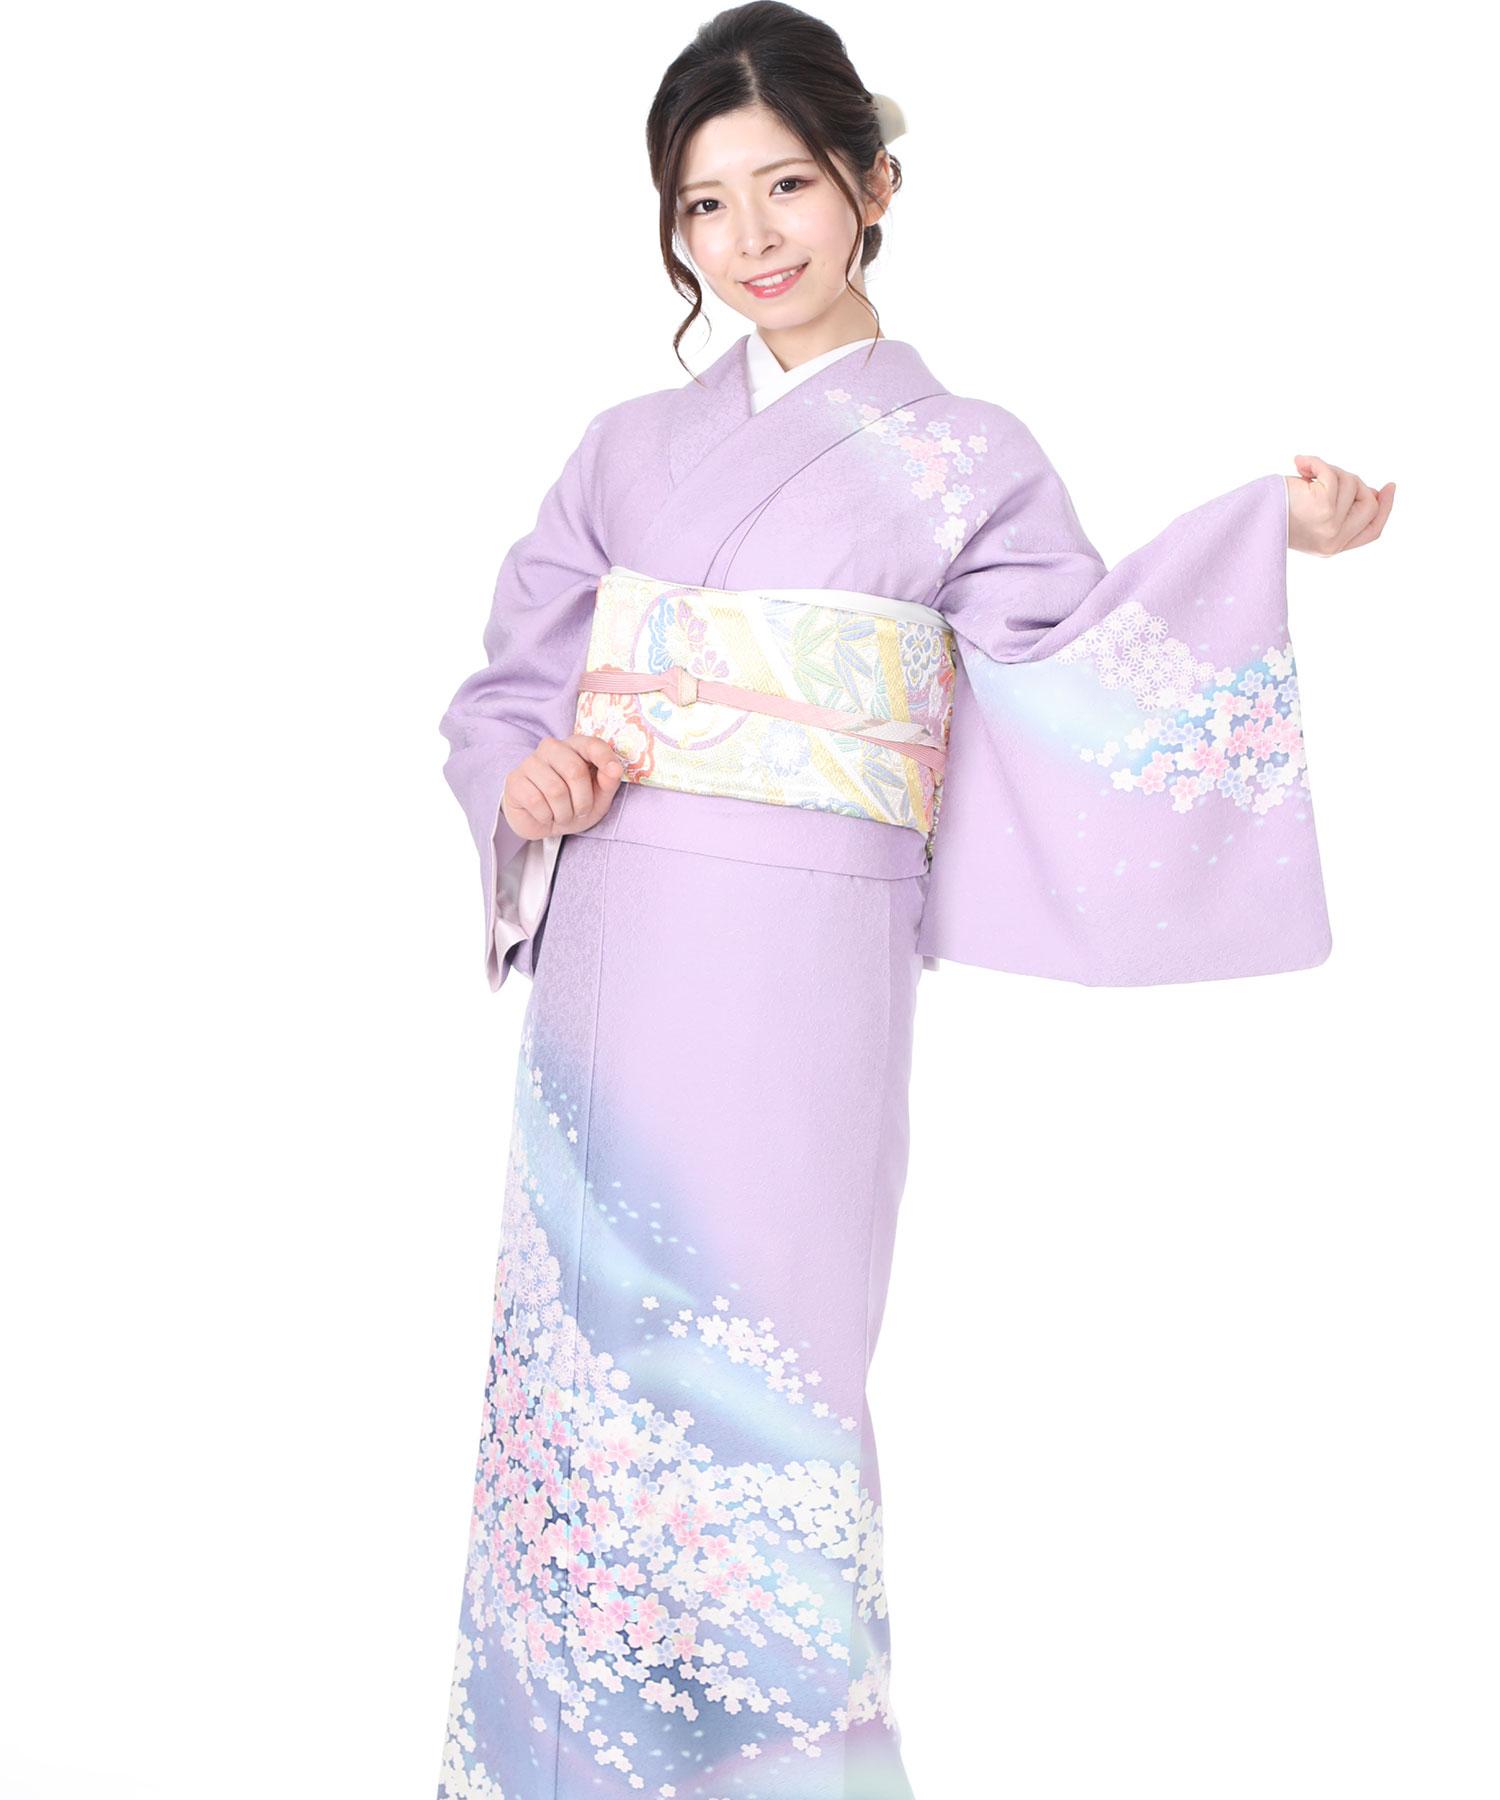 訪問着レンタル 薄い紫に紺色ぼかし桜小花